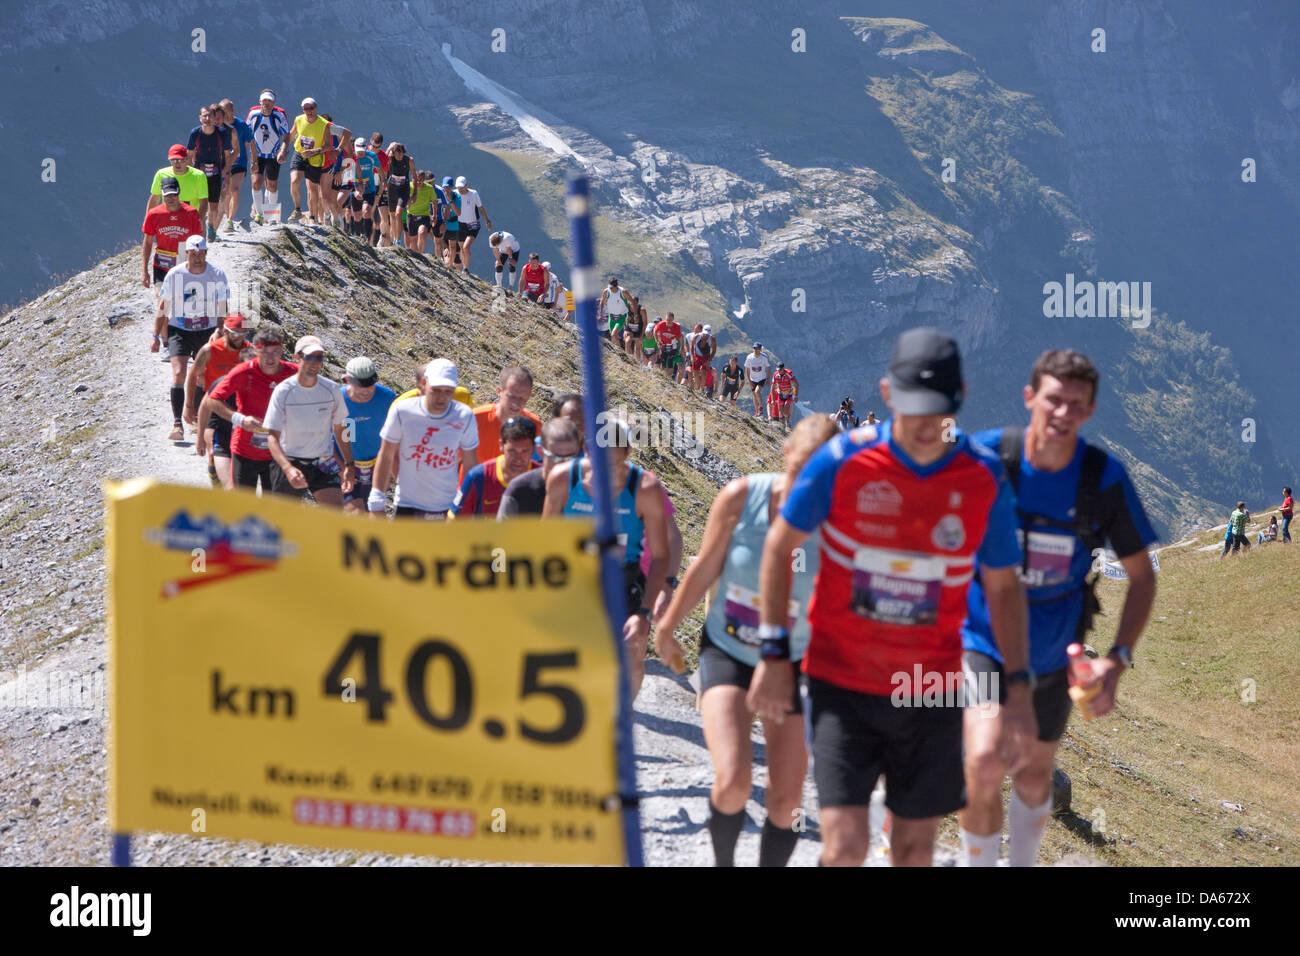 La Jungfrau maratón, maratón de montaña, correr, correr, deporte, más bonitos paisajes de montaña, Imagen De Stock